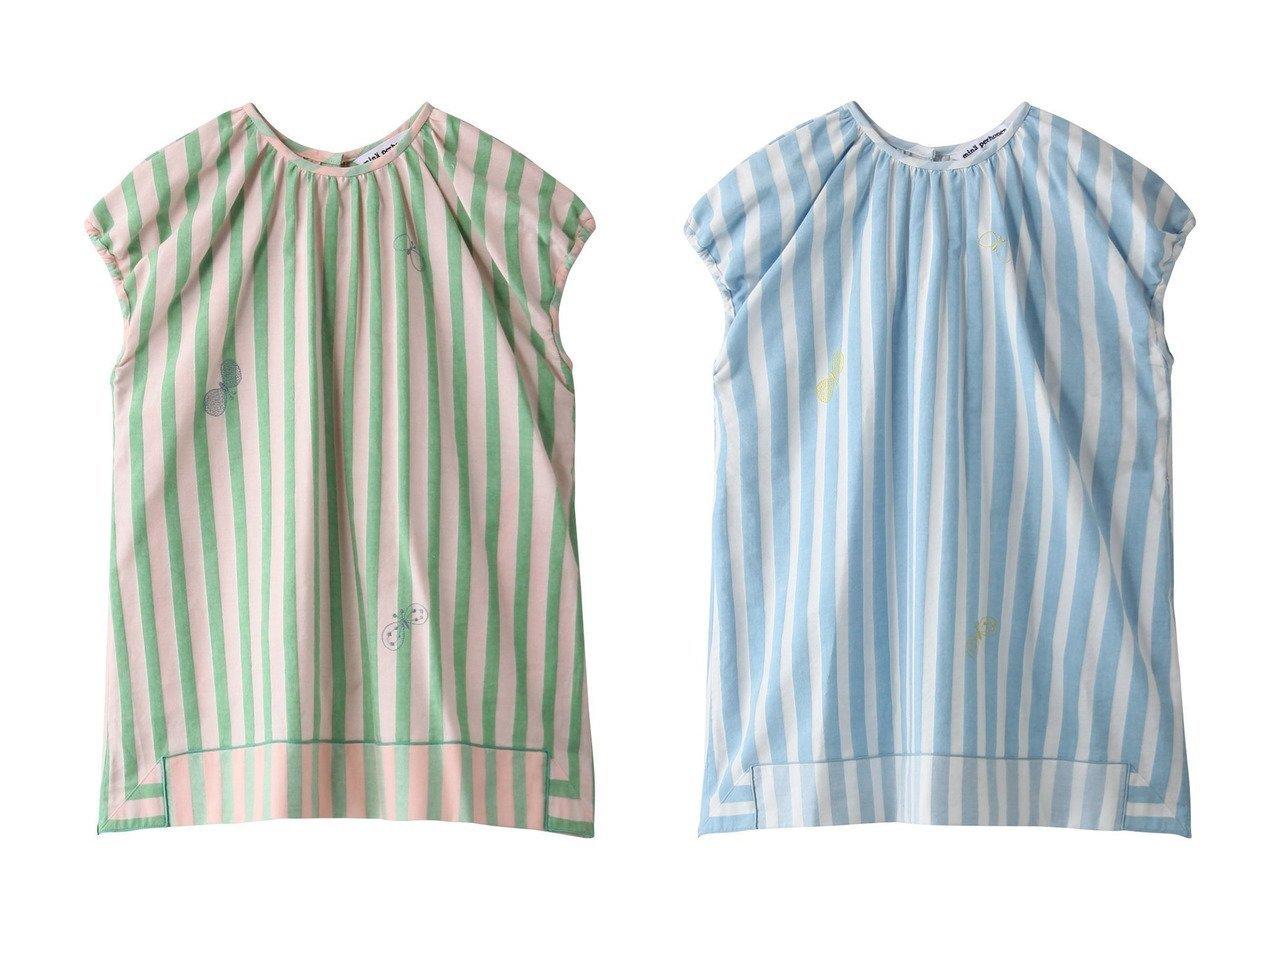 【mina perhonen / KIDS/ミナ ペルホネン】の【Baby】choucho ワンピース 【BABY】ベビー服のおすすめ!人気、キッズファッションの通販  おすすめで人気の流行・トレンド、ファッションの通販商品 メンズファッション・キッズファッション・インテリア・家具・レディースファッション・服の通販 founy(ファニー) https://founy.com/ ファッション Fashion キッズファッション KIDS トップス・カットソー Tops/Tees/Kids ワンピース Dress/Kids S/S・春夏 SS・Spring/Summer ベビー 春 Spring |ID:crp329100000039213